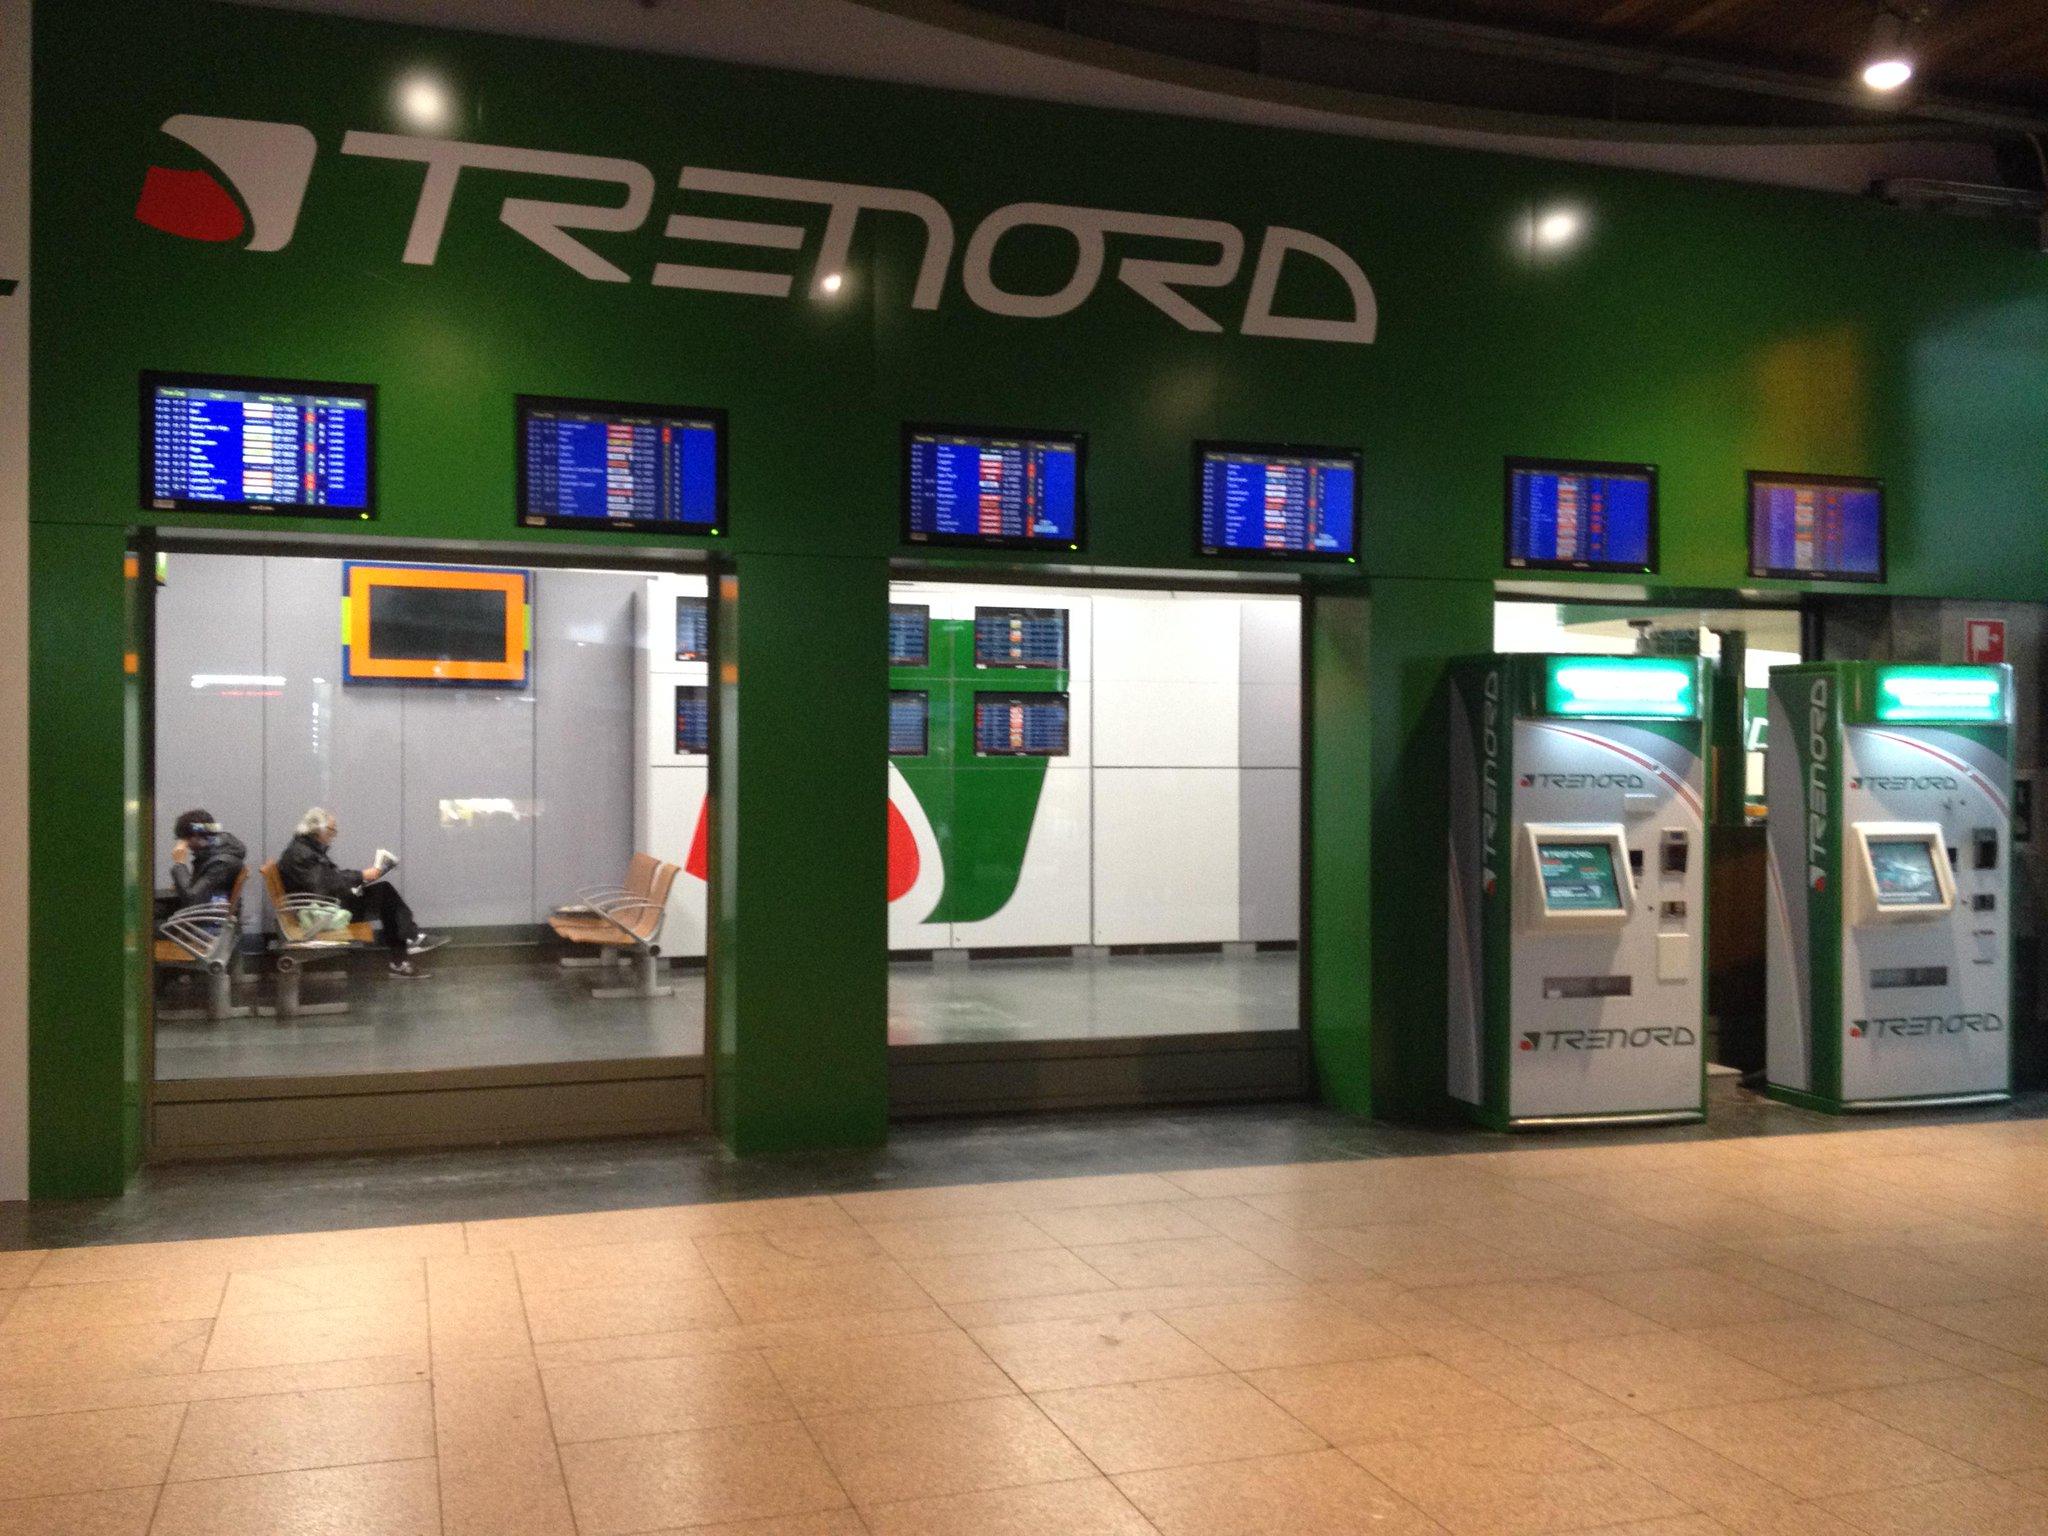 Ufficio stampa on twitter milano cadorna i locali del - Trenord porta garibaldi ...